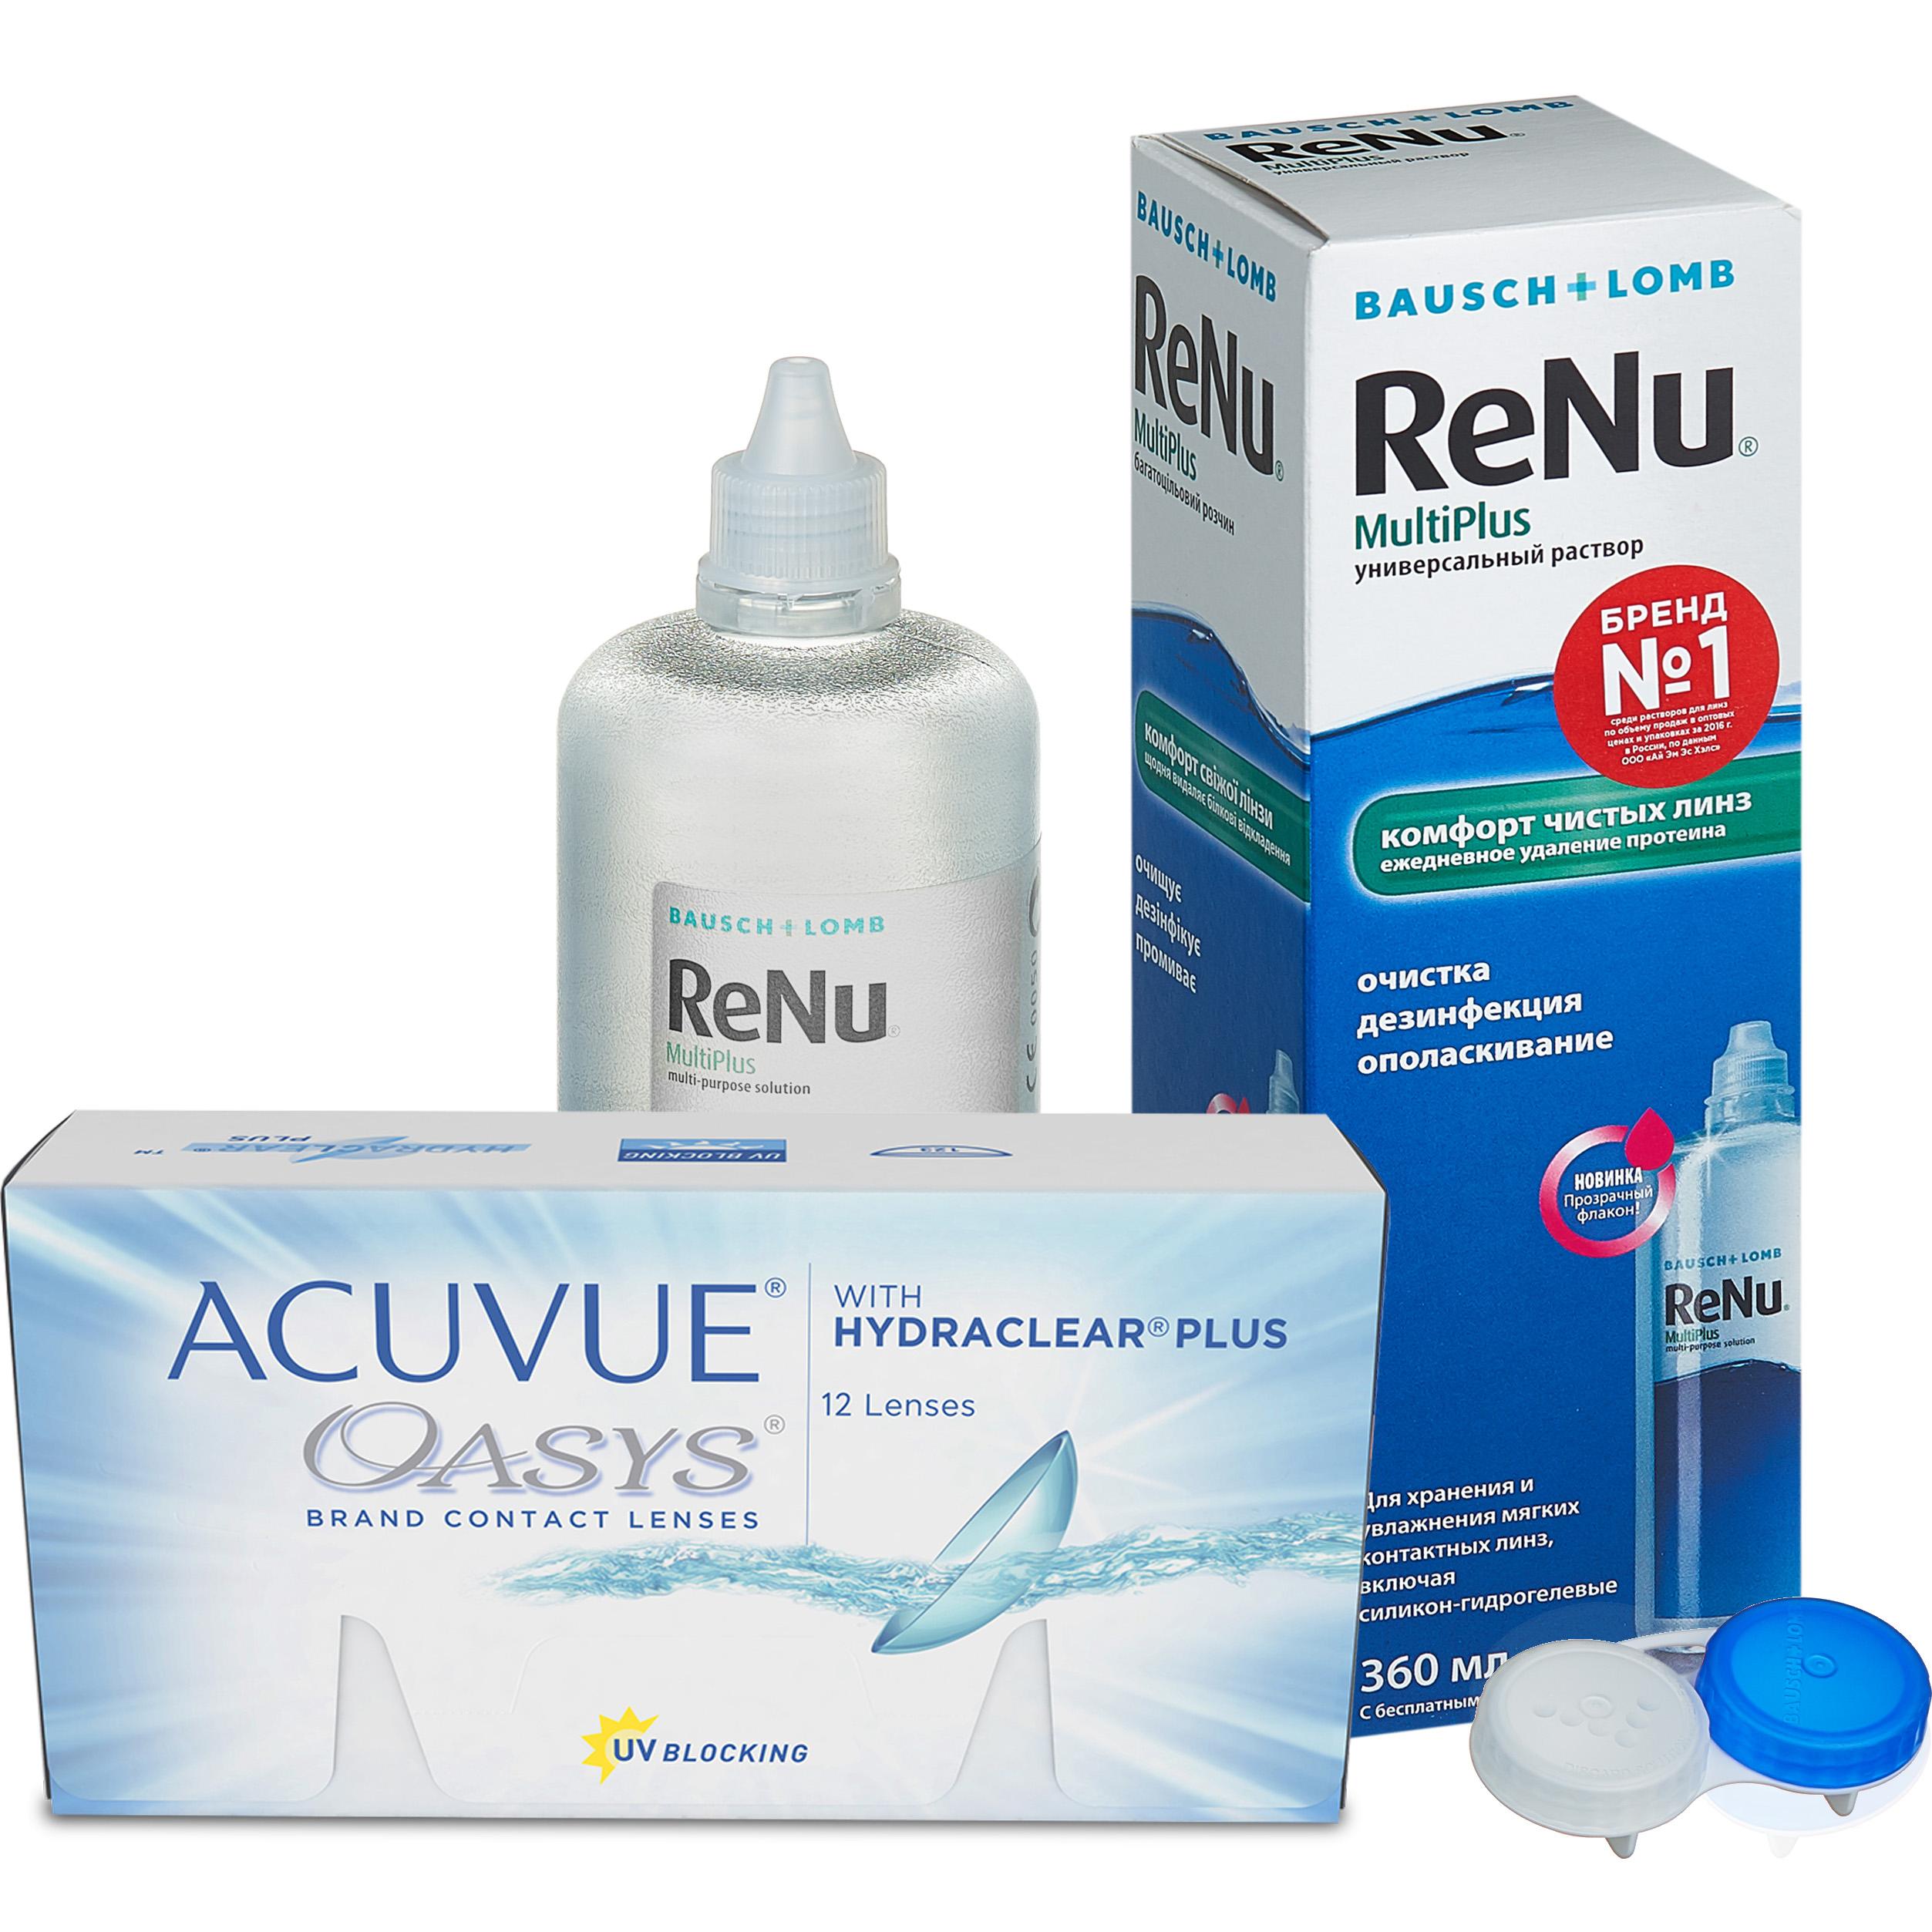 Купить Oasys with Hydraclear Plus 12 линз + ReNu MultiPlus, Линзы Acuvue Oasys with Hydraclear Plus 12 линз R 8.4 -2, 25 + ReNu Multi Plus 360 мл